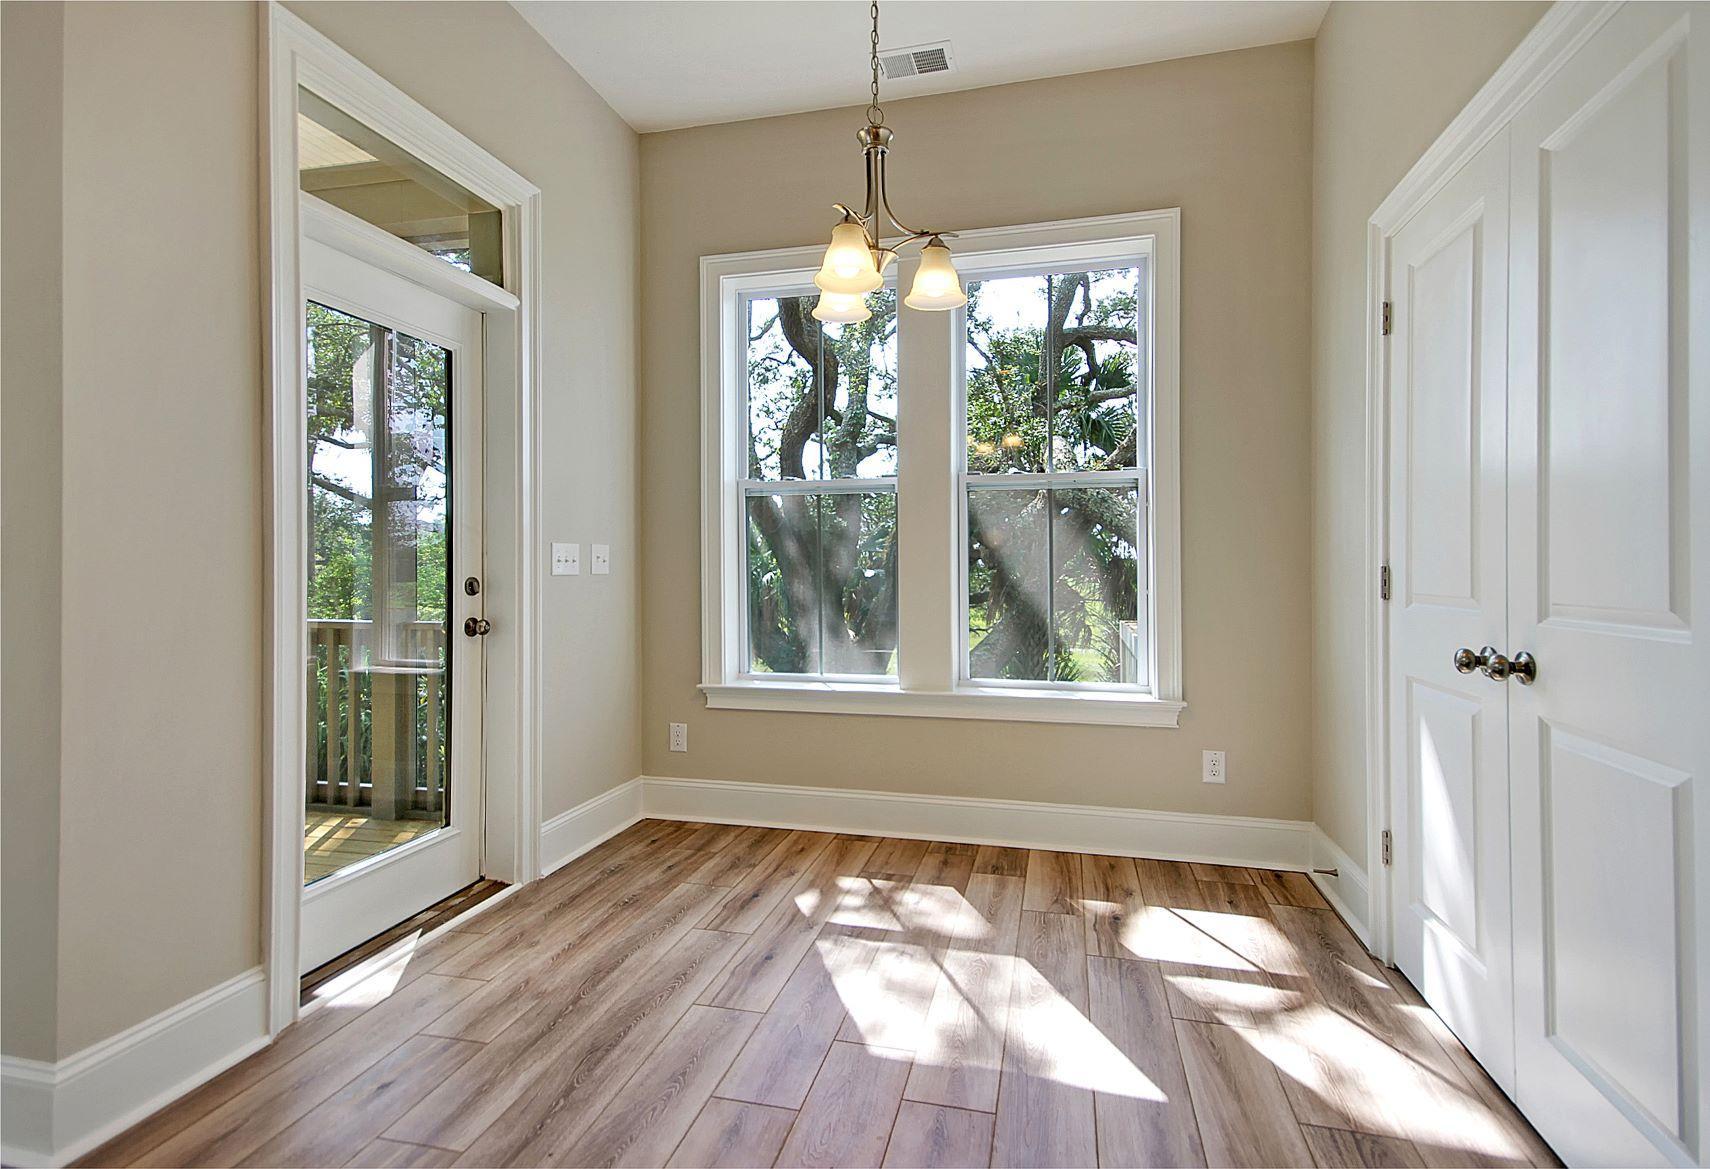 Kings Flats Homes For Sale - 121 Alder, Charleston, SC - 2